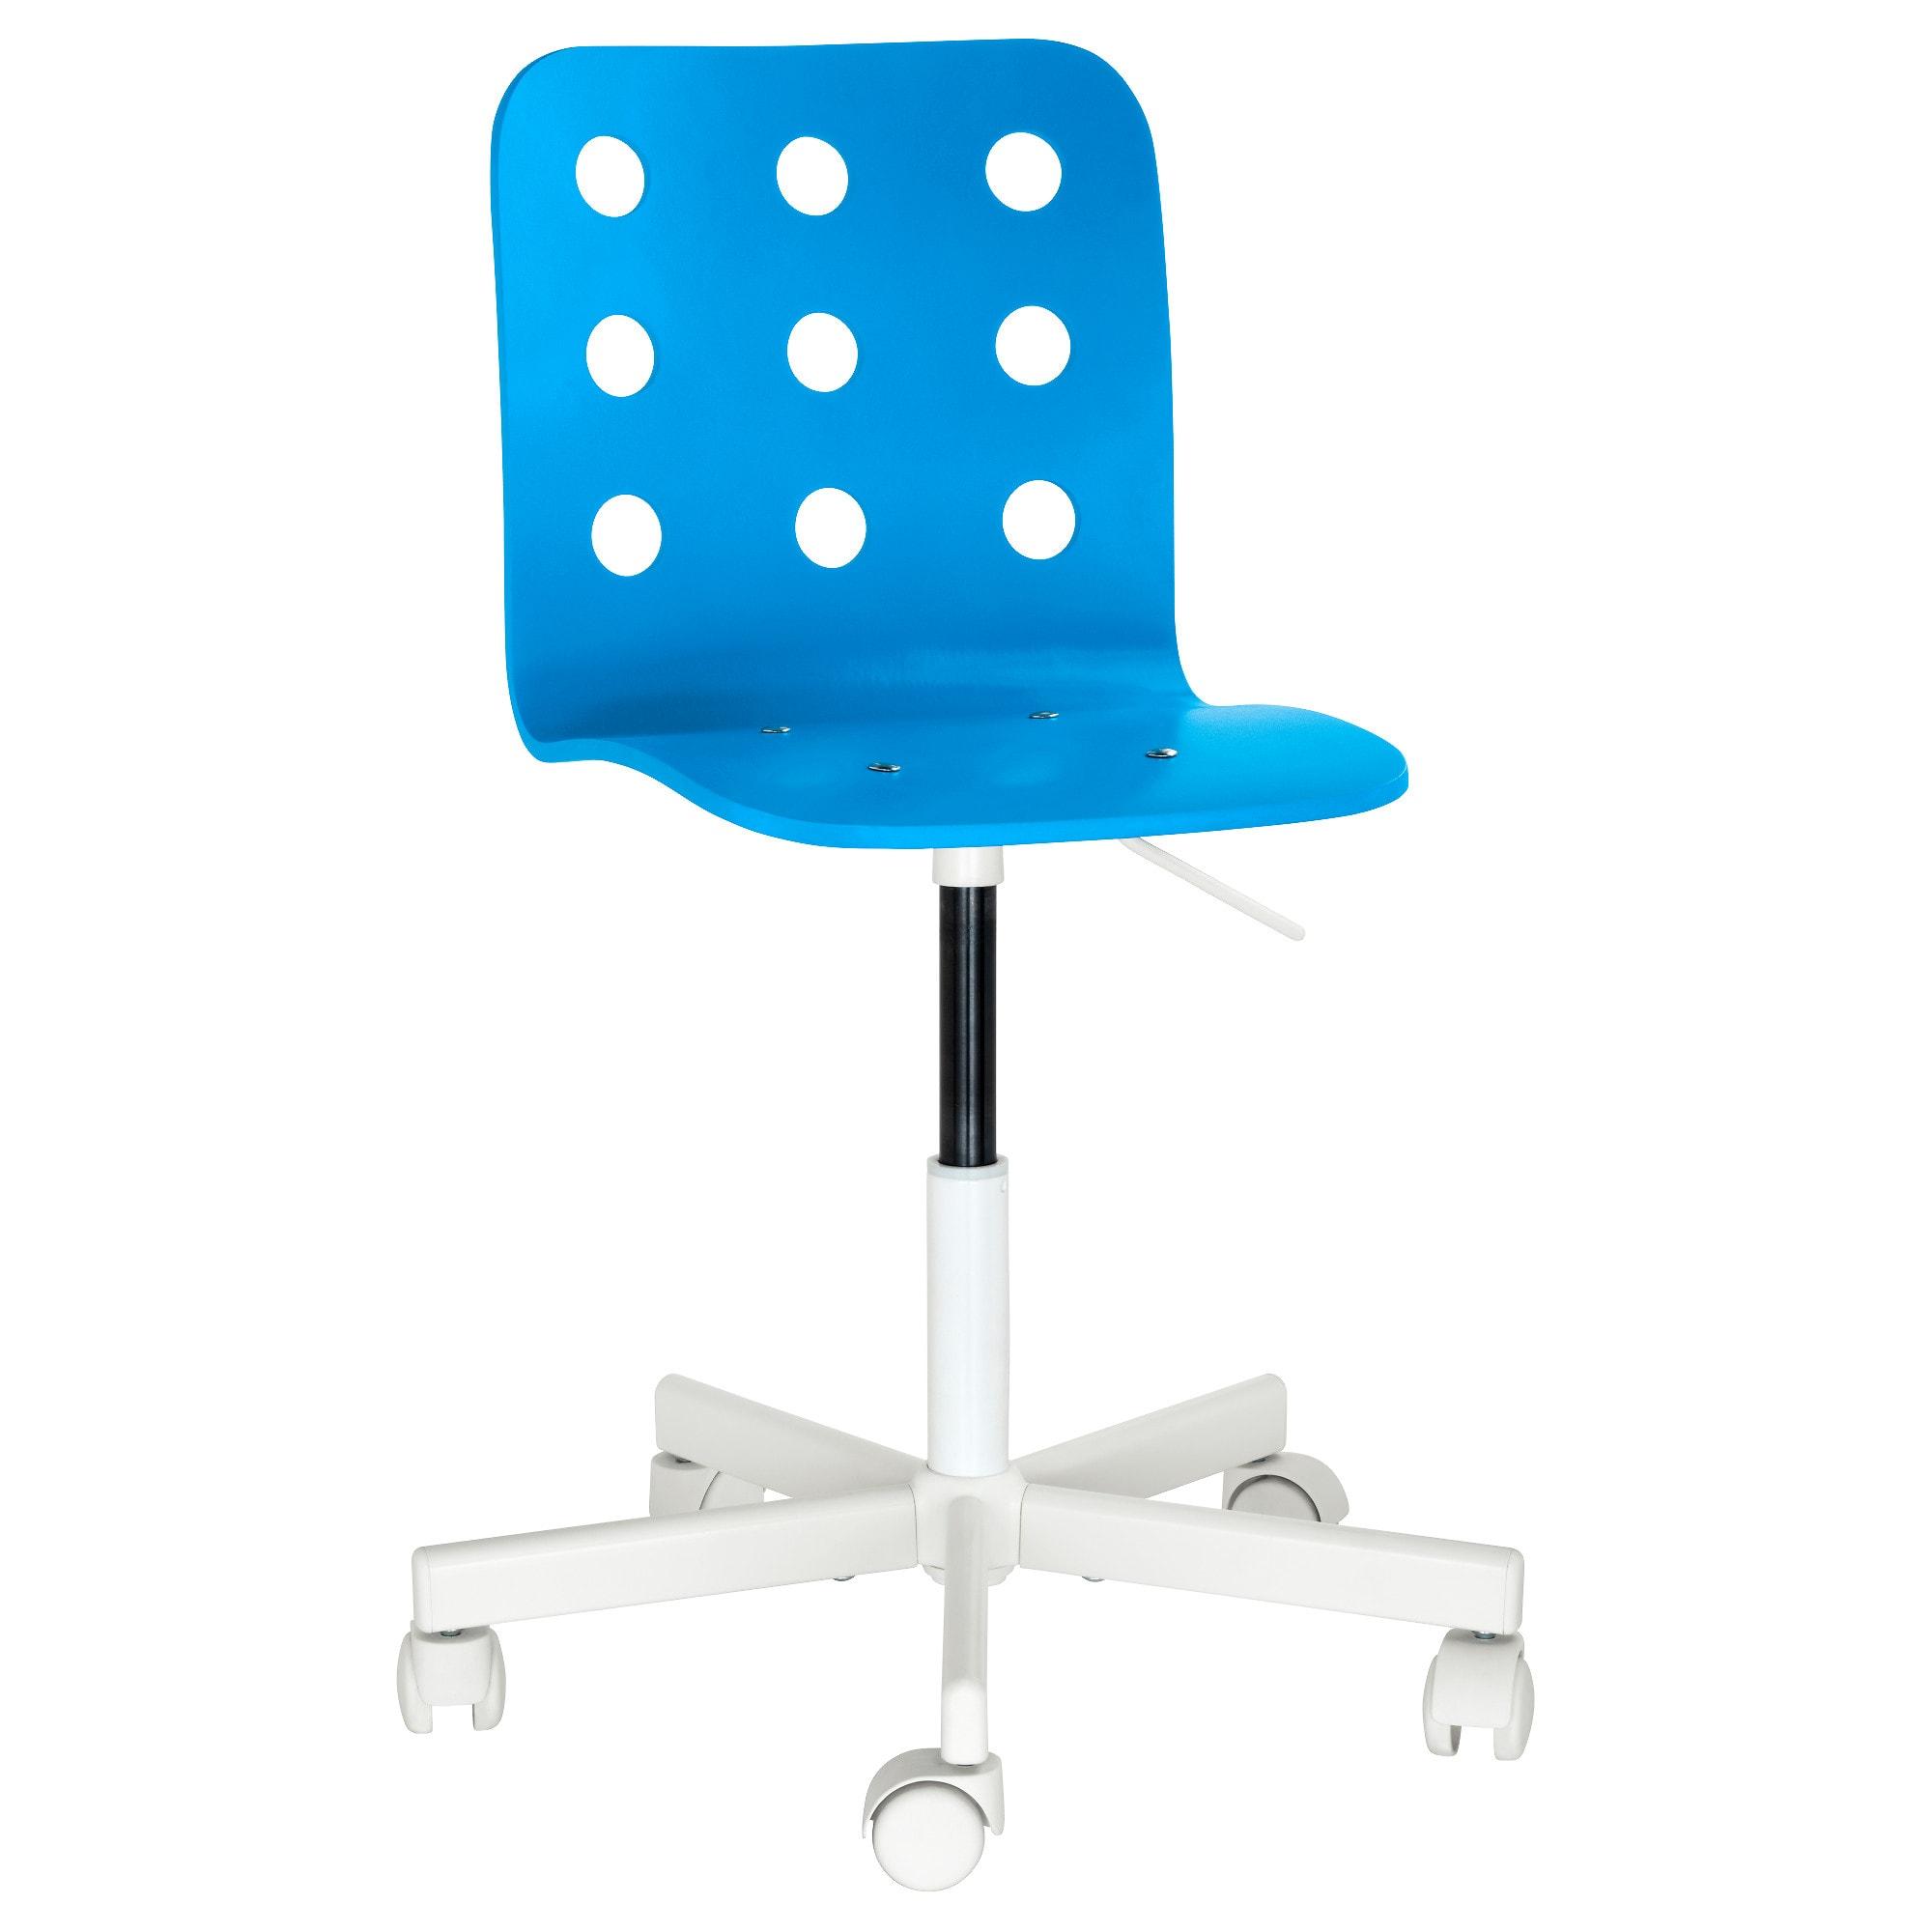 Sillas De Escritorio Ikea Y7du Jules Silla Escritorio Nià O Azul Blanco Ikea